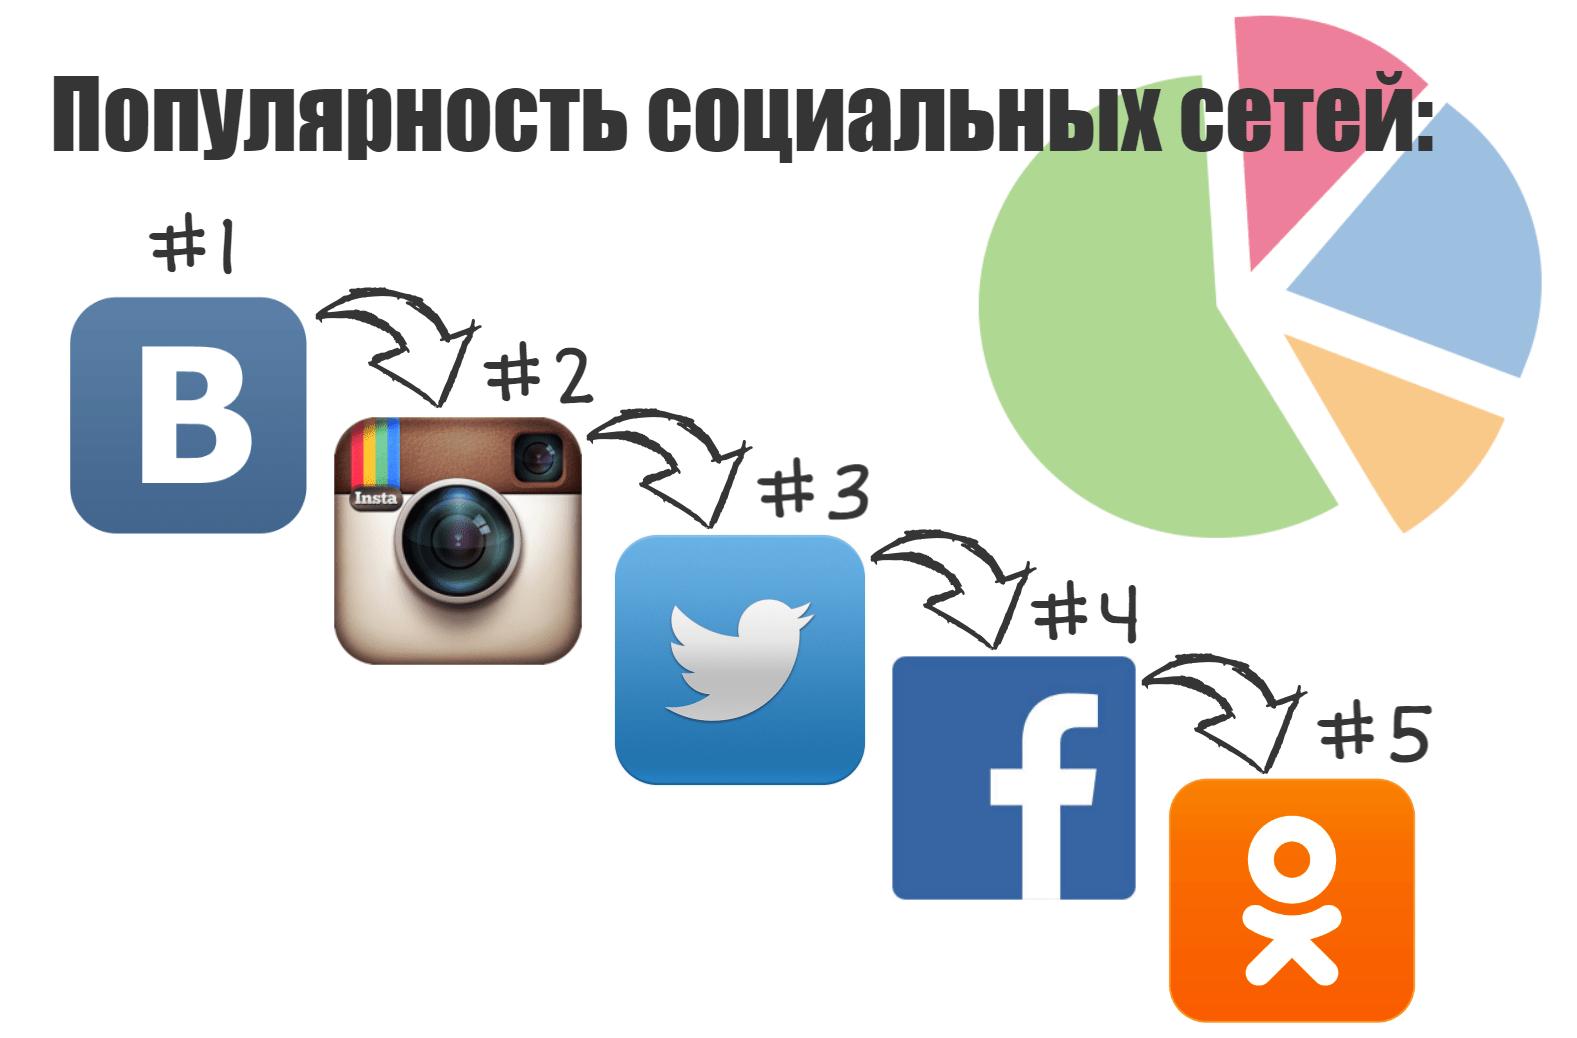 populyarnost-sots_setej